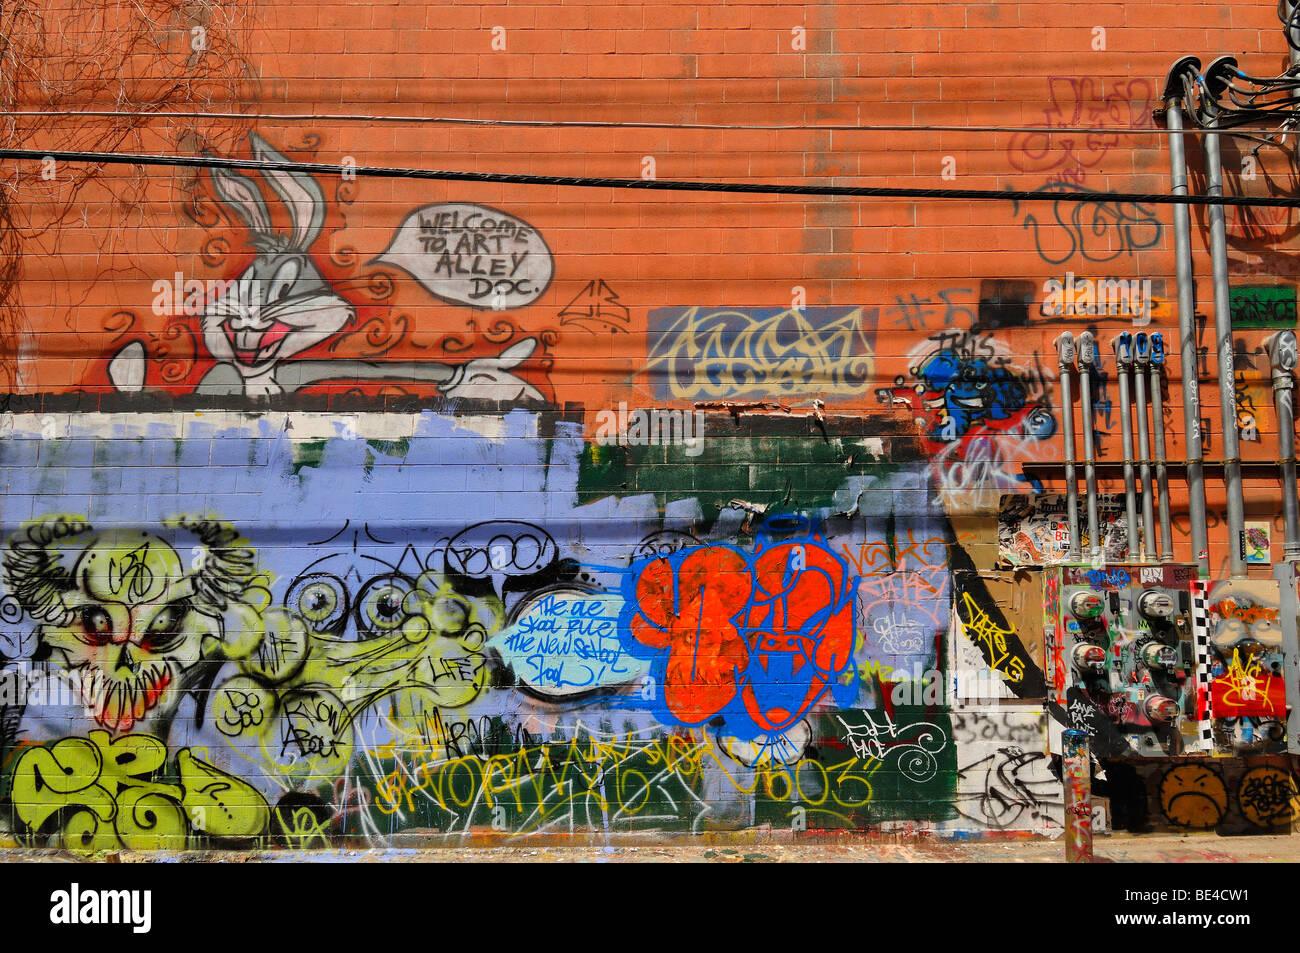 Kunst-Gasse ist eine hässliche Straße in eine attraktive Stadt. Um dieses Problem zu überwinden ermutigt die Stadtbehörden Graffiti-Künstler. Stockfoto